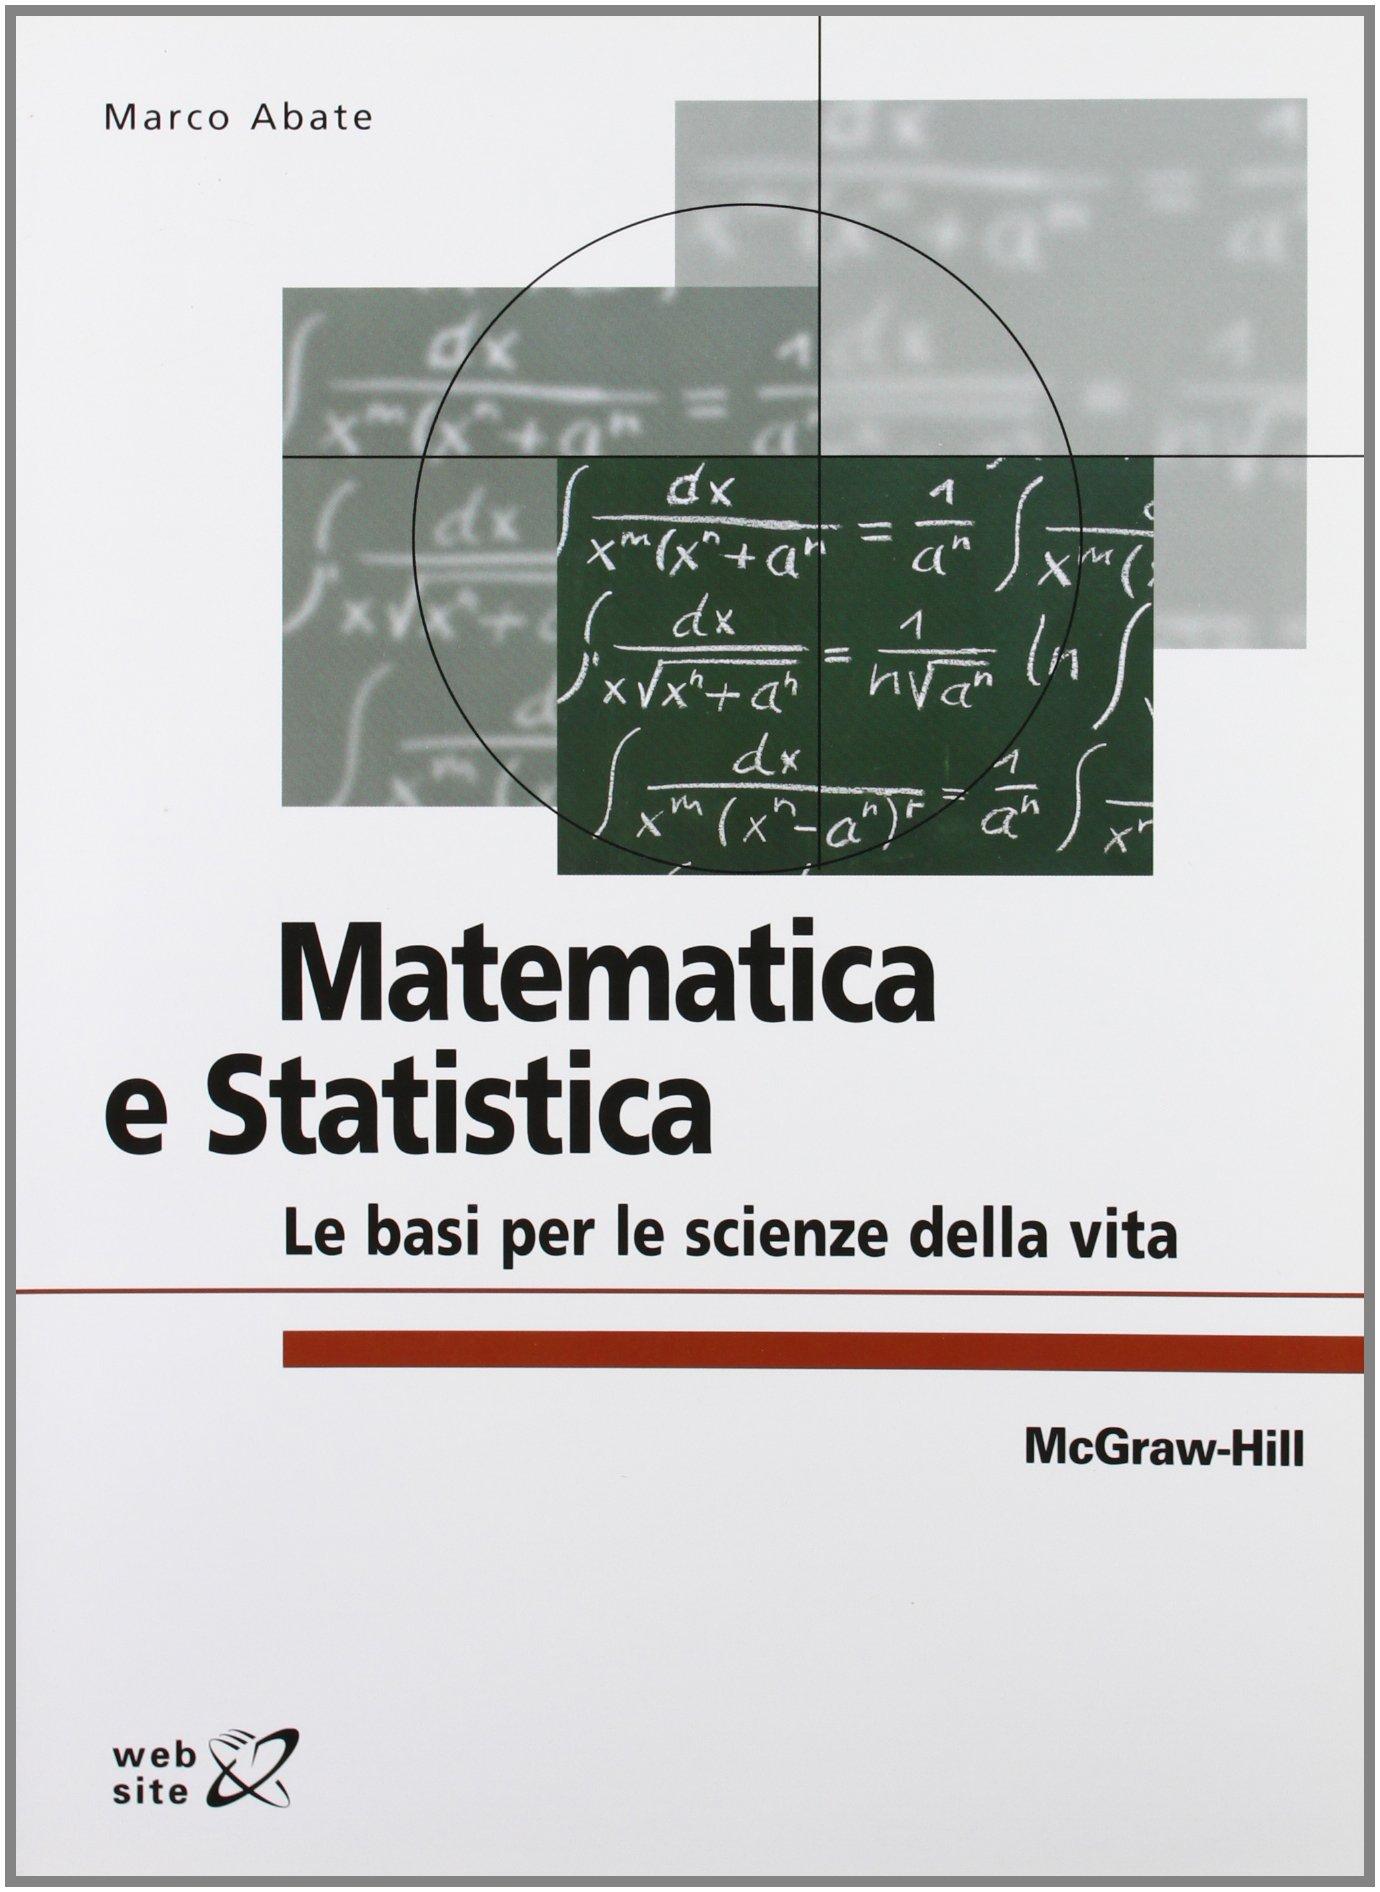 Matematica E Statistica Abate Pdf